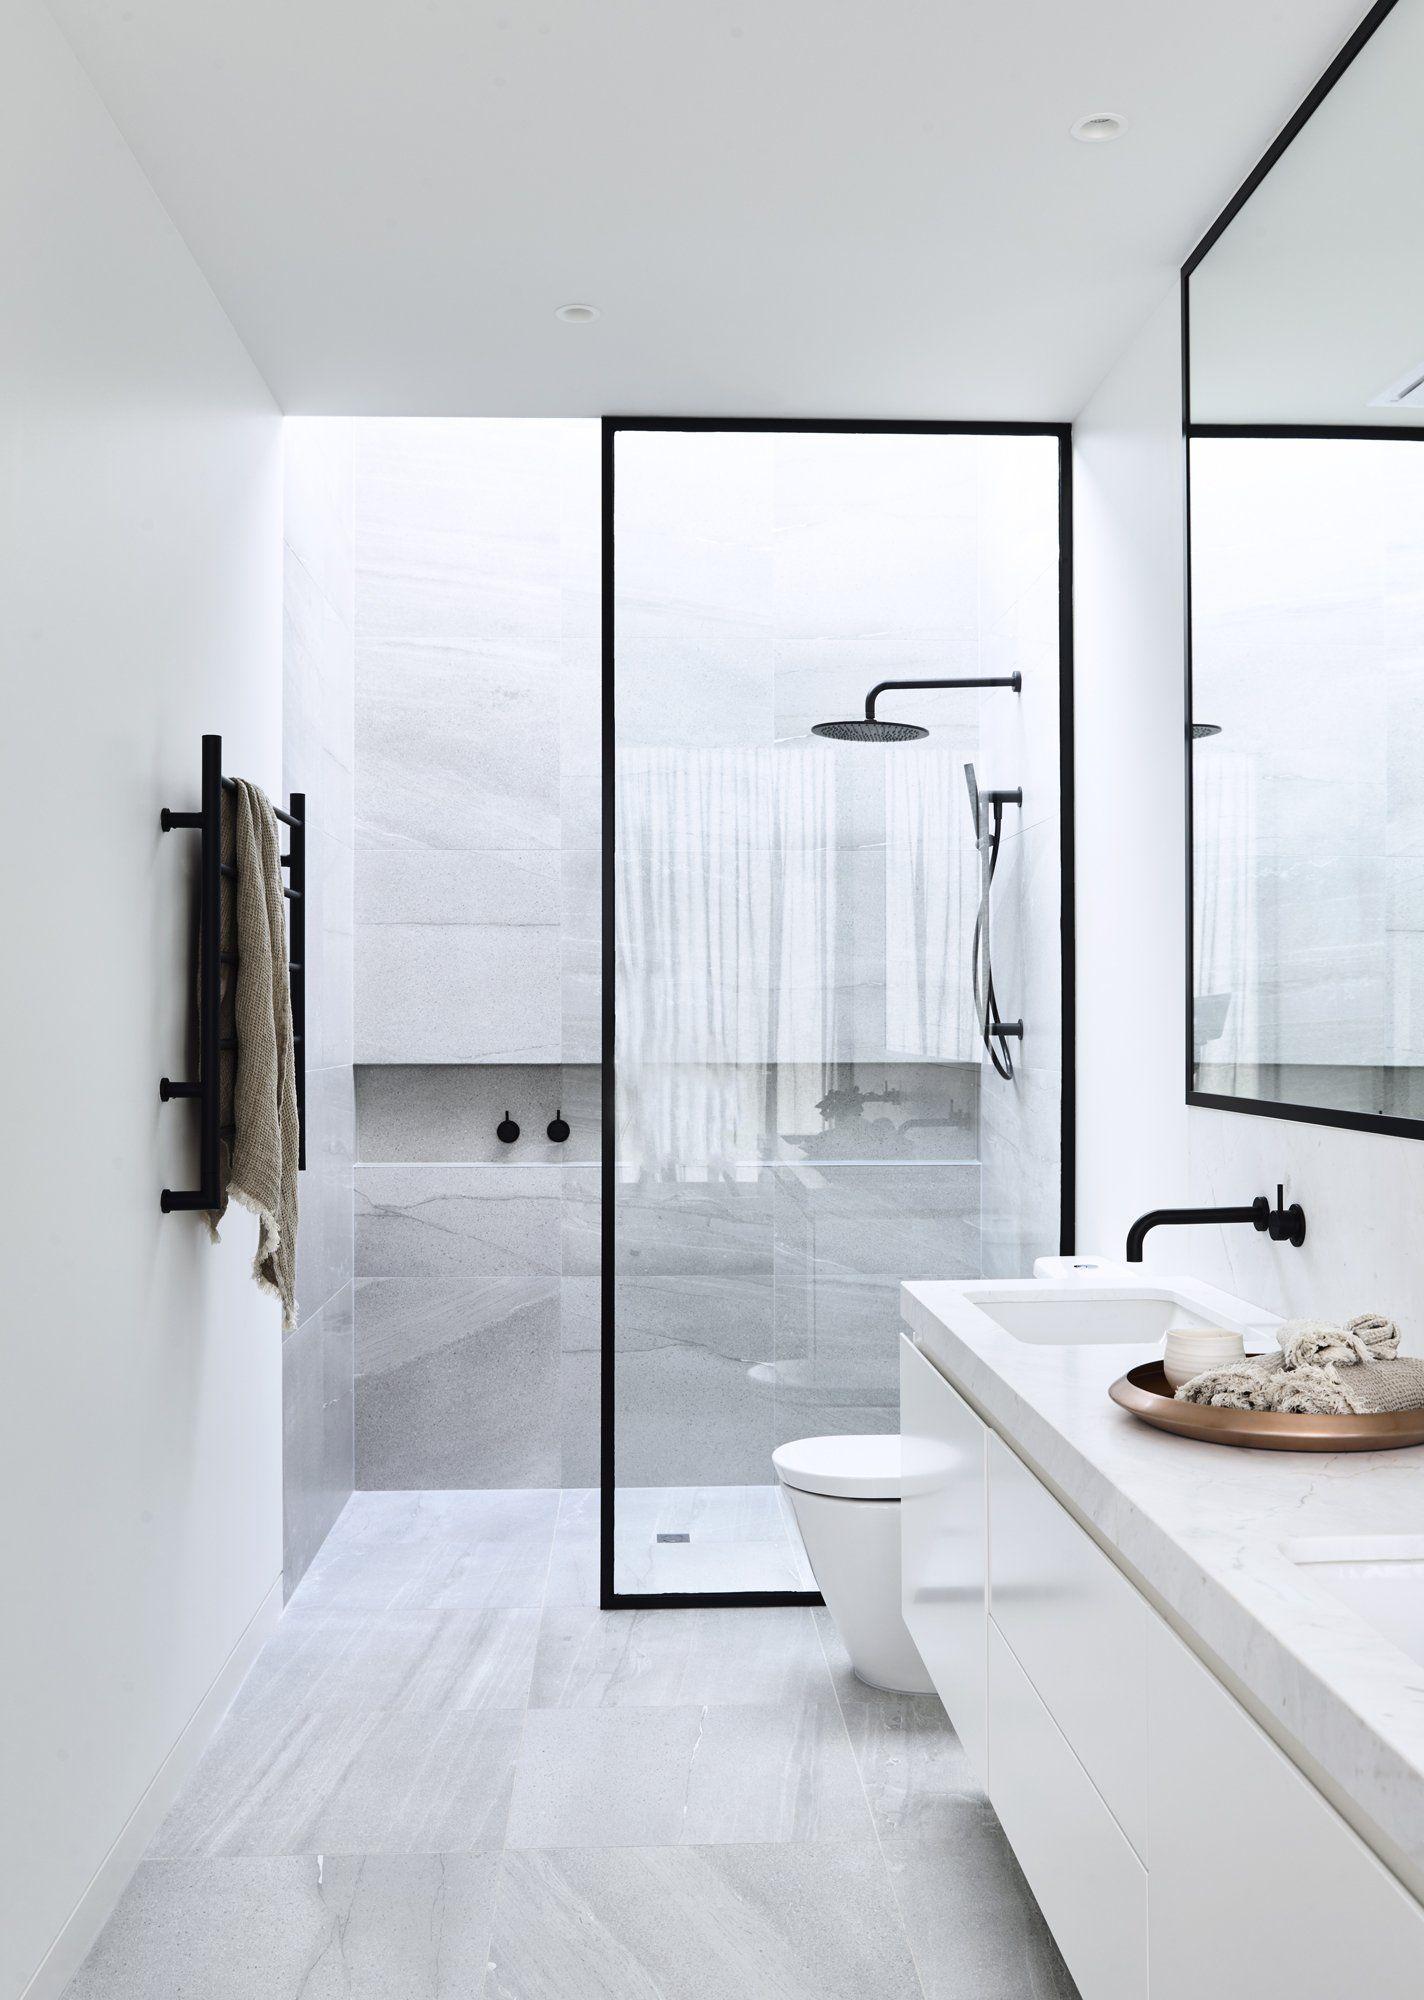 Inspiratieboost: een stijlvolle douchewand in de badkamer | badkamer ...